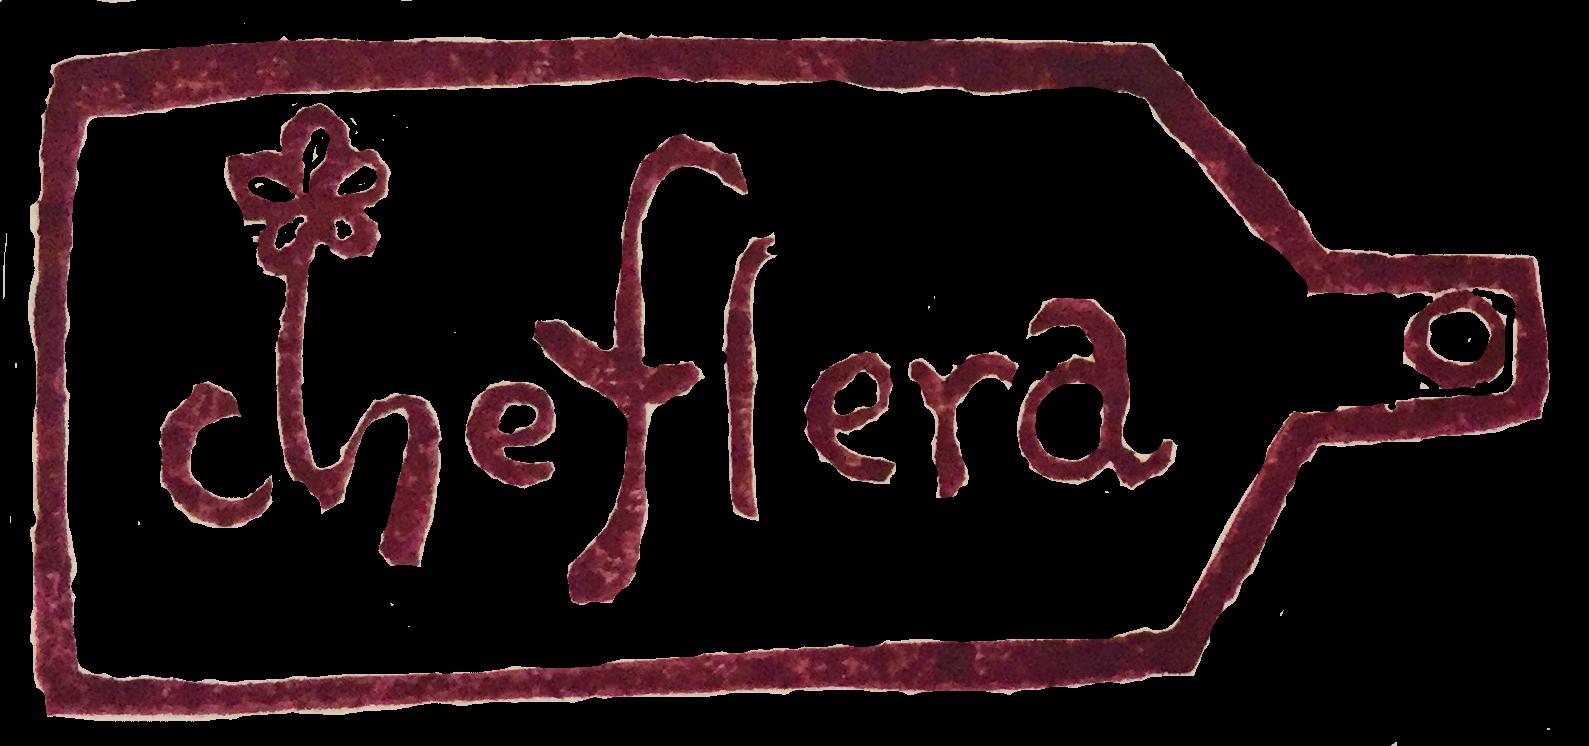 Chefleraシェフレラ